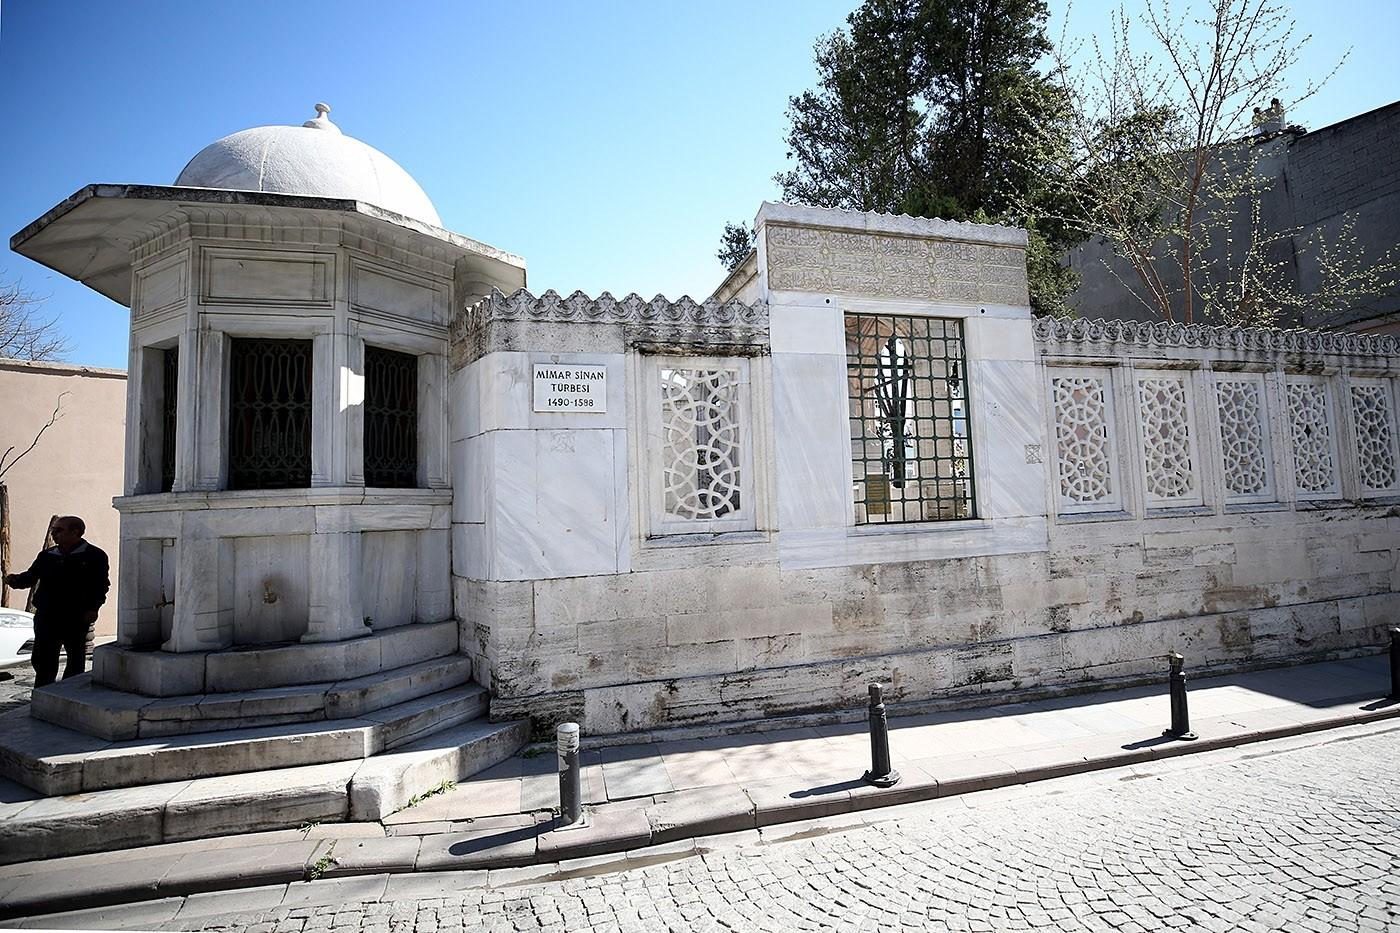 Шедевры Мимара Синана продолжают жить сотни лет после его смерти